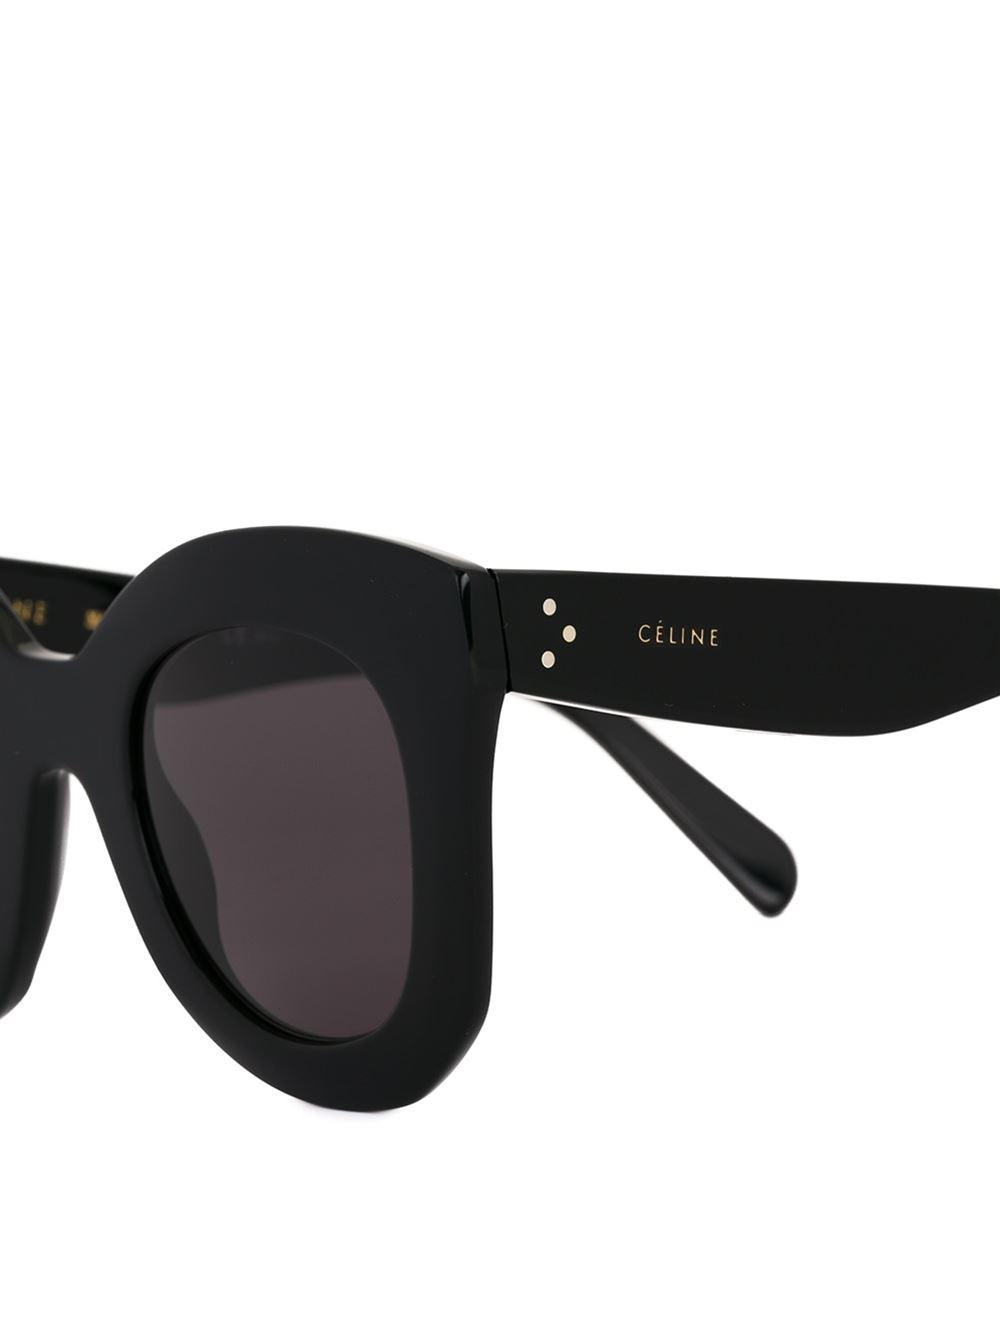 bffd45f892 Celine Black Sunglasses Cat Eye